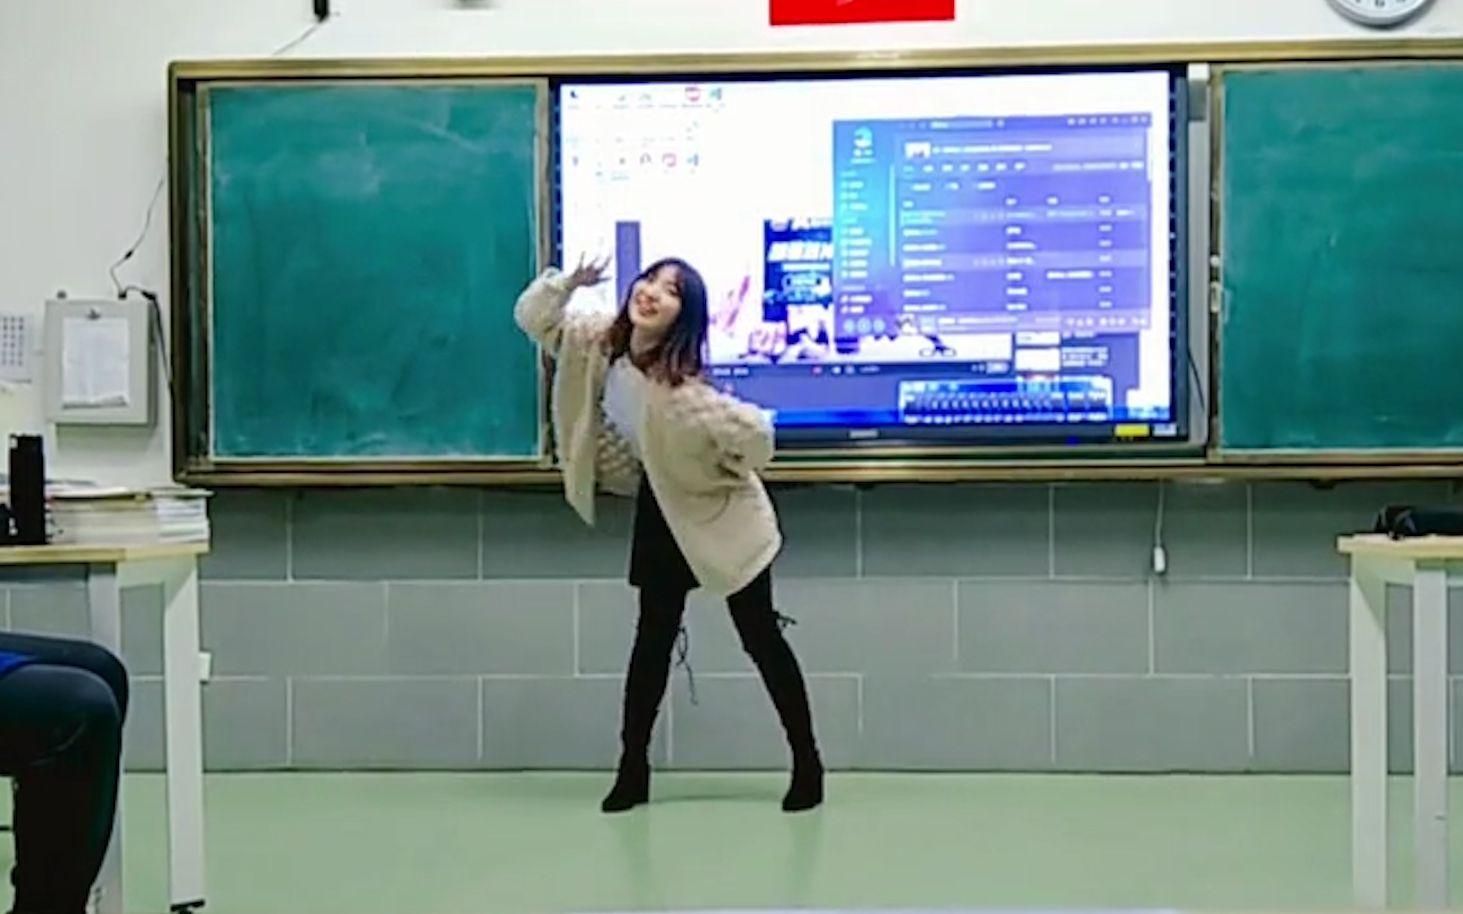 美女老师课上跳《极乐净土》,底下学生们嗨了,现在回去复读还来得及吗?